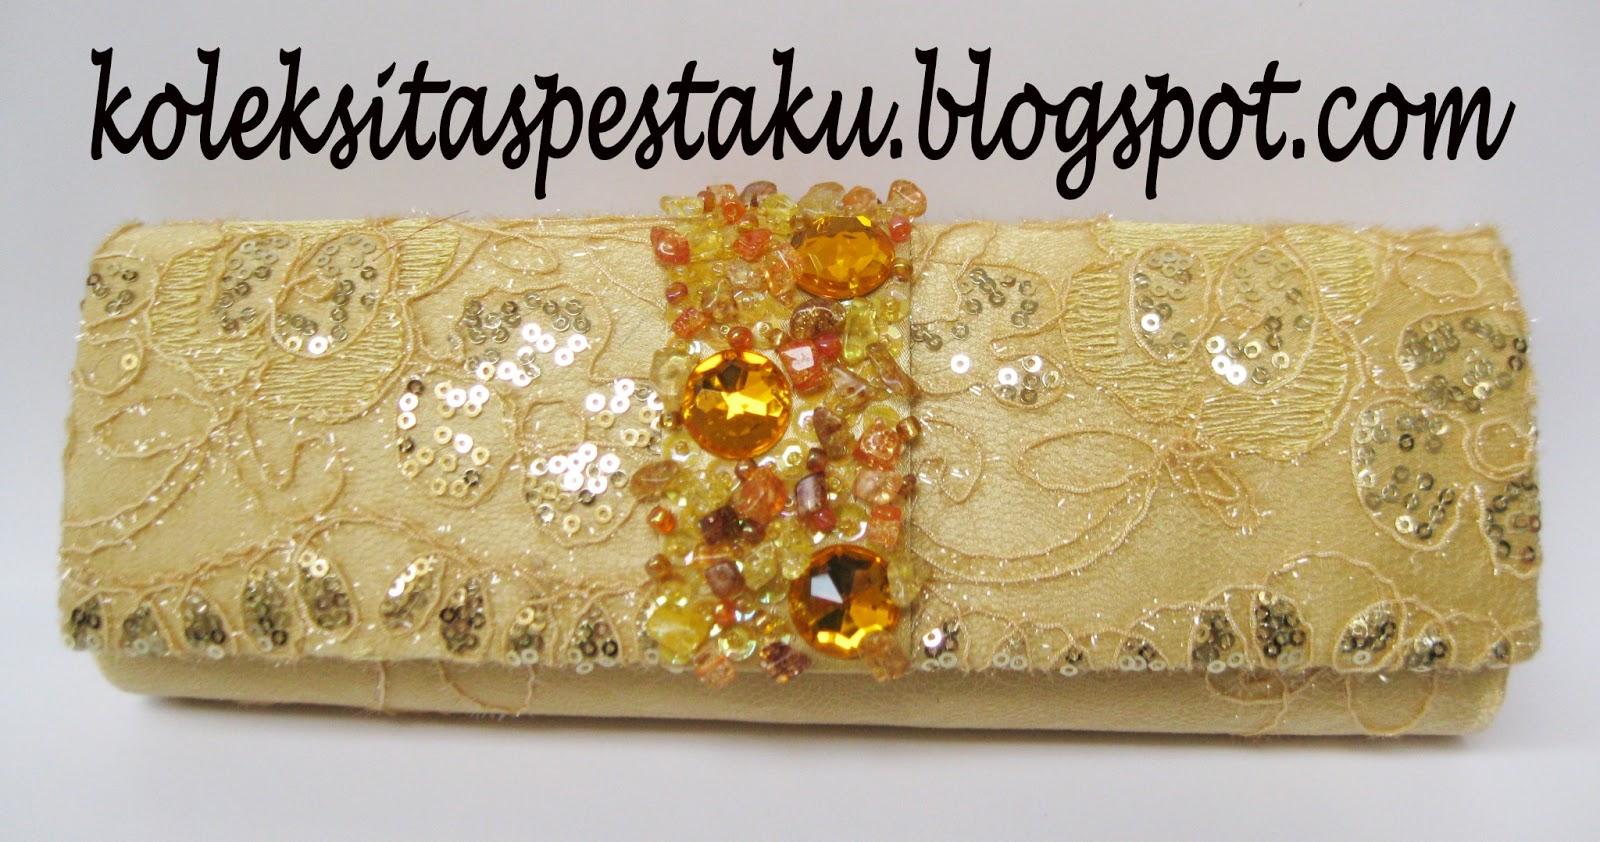 Model Terbaru Tas Pesta - Clutch Bag Bulan April 2013 Warna Gold (SOLD OUT) fb8465c212